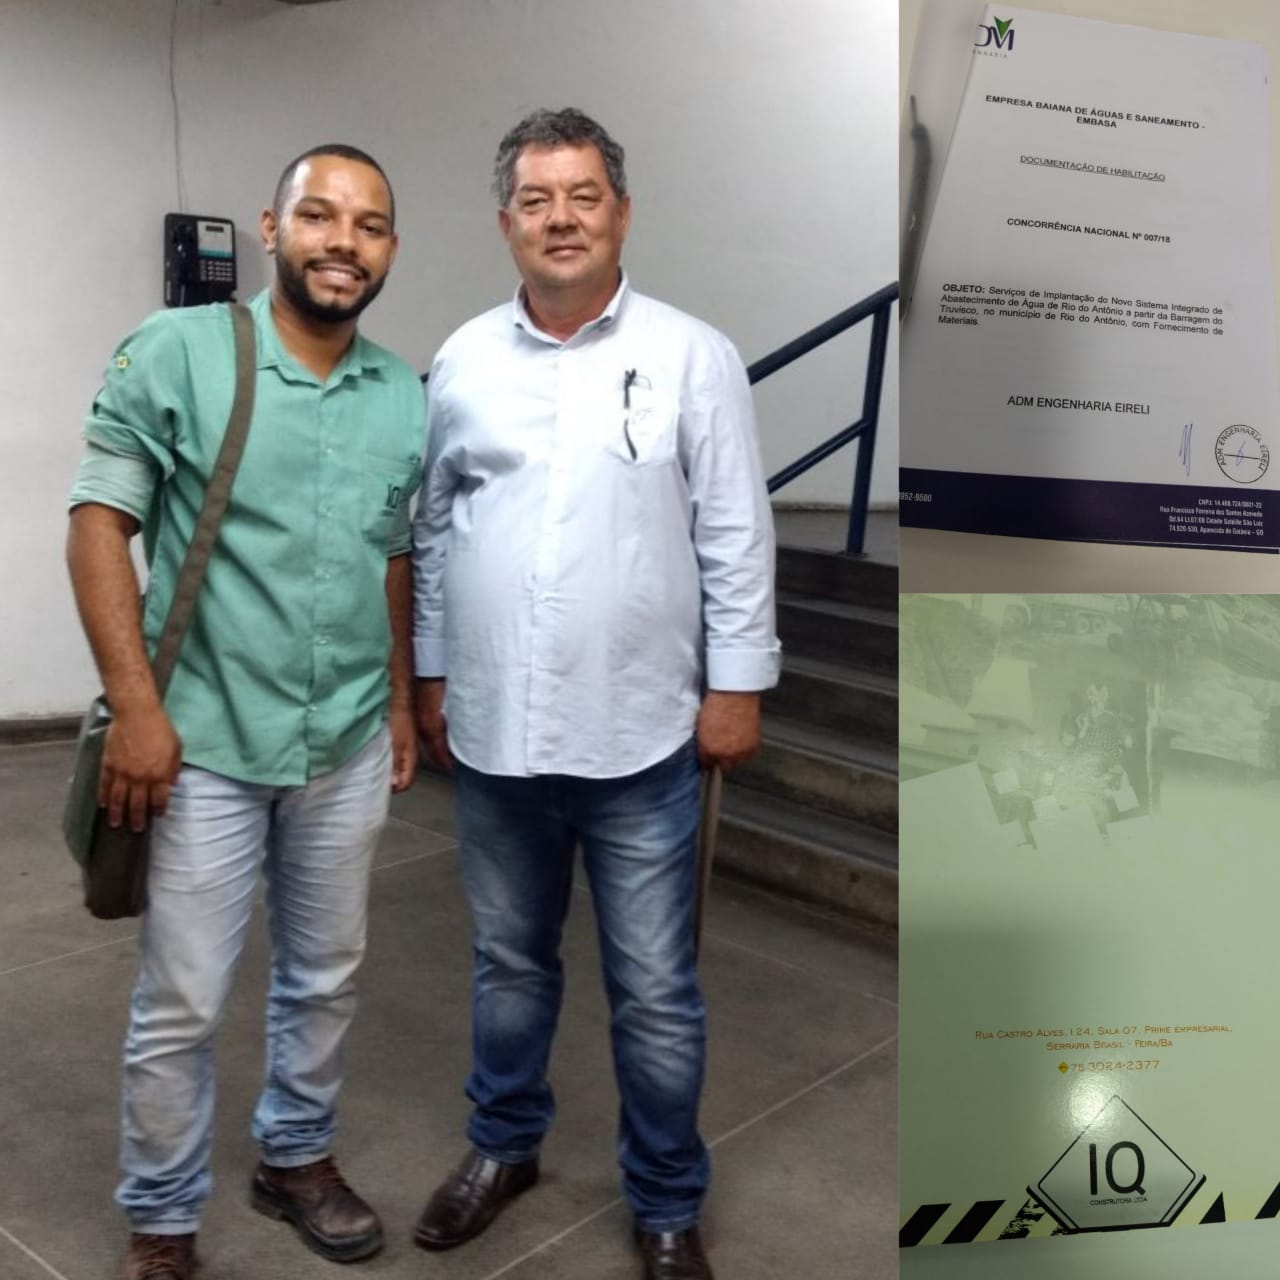 Prefeito Deca acompanha processo de licitação onde a ADM Engenharia foi a vencedora para construir adutora do Truvisco; obras de saneamento também serão retomadas